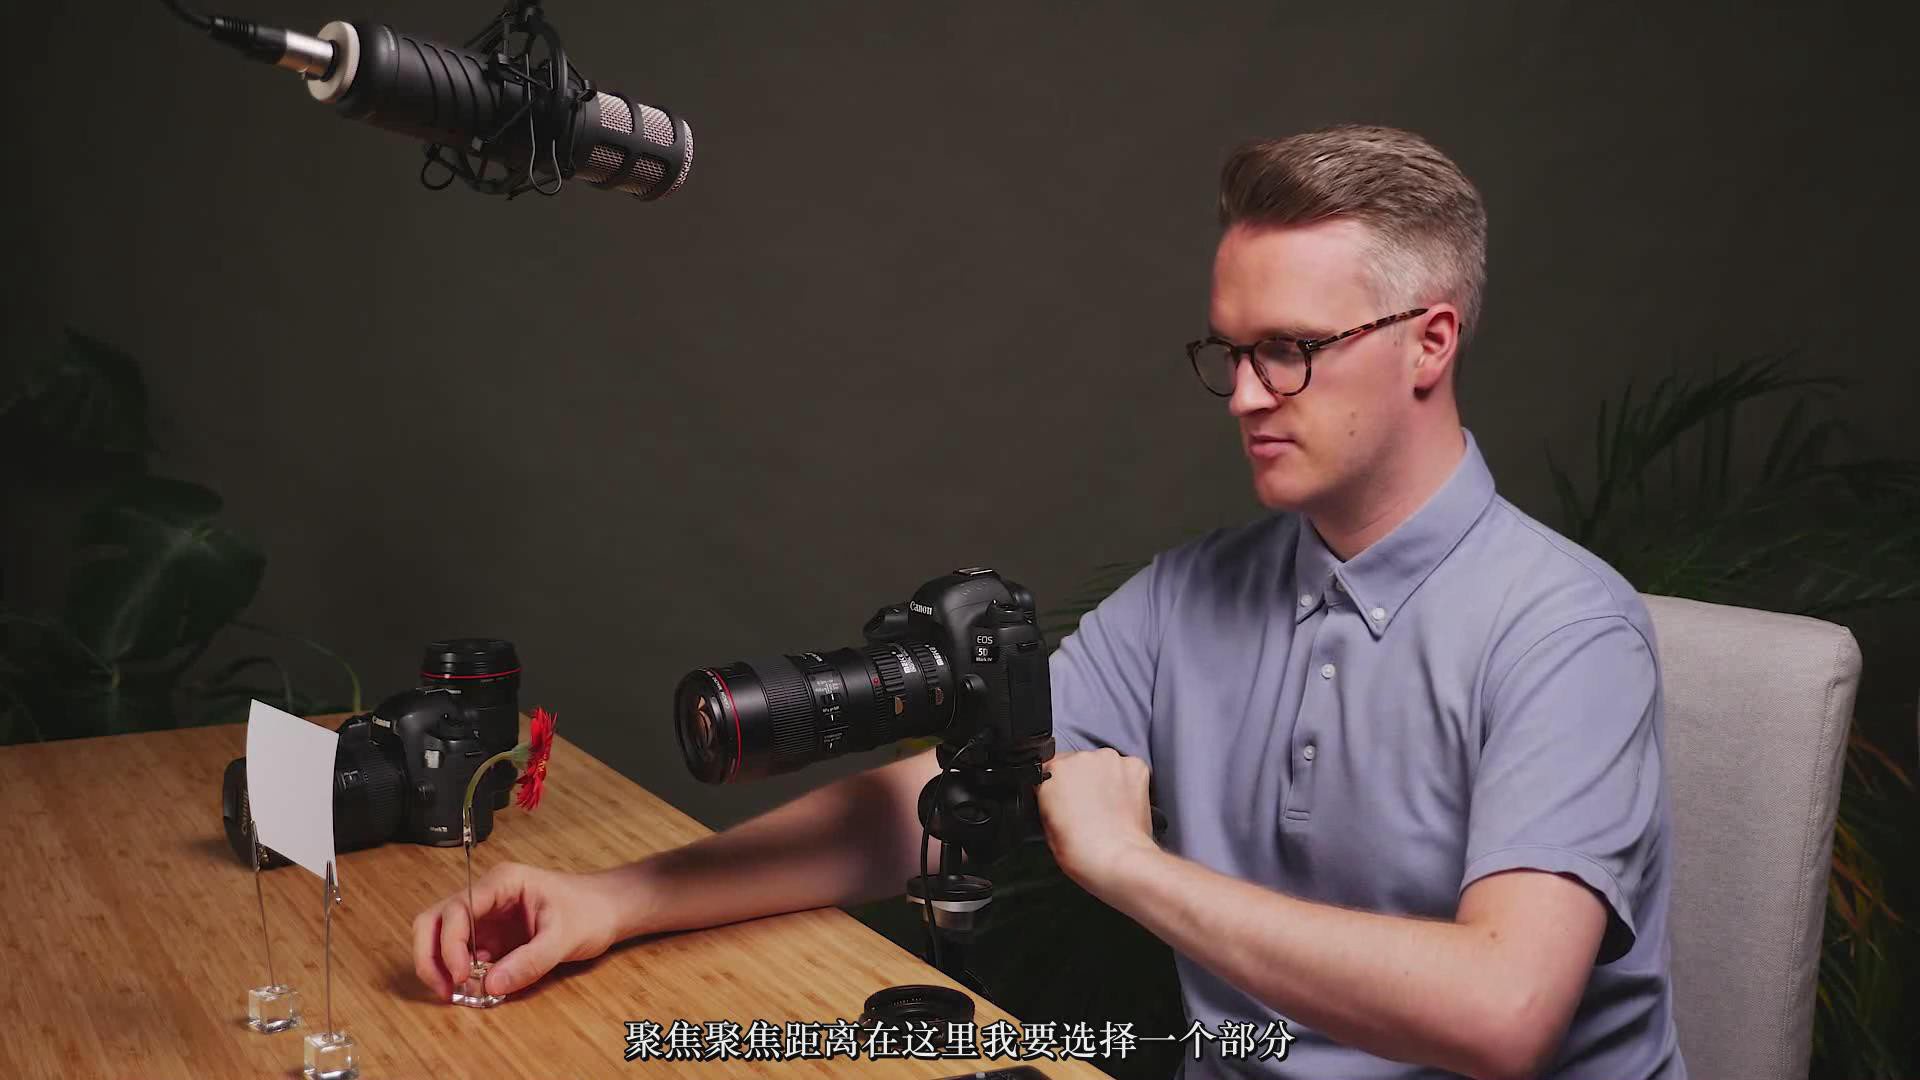 摄影教程_JOSHUA DUNLOP-掌握宏观微距摄影-捕捉惊人的细节-中文字幕 摄影教程 _预览图5